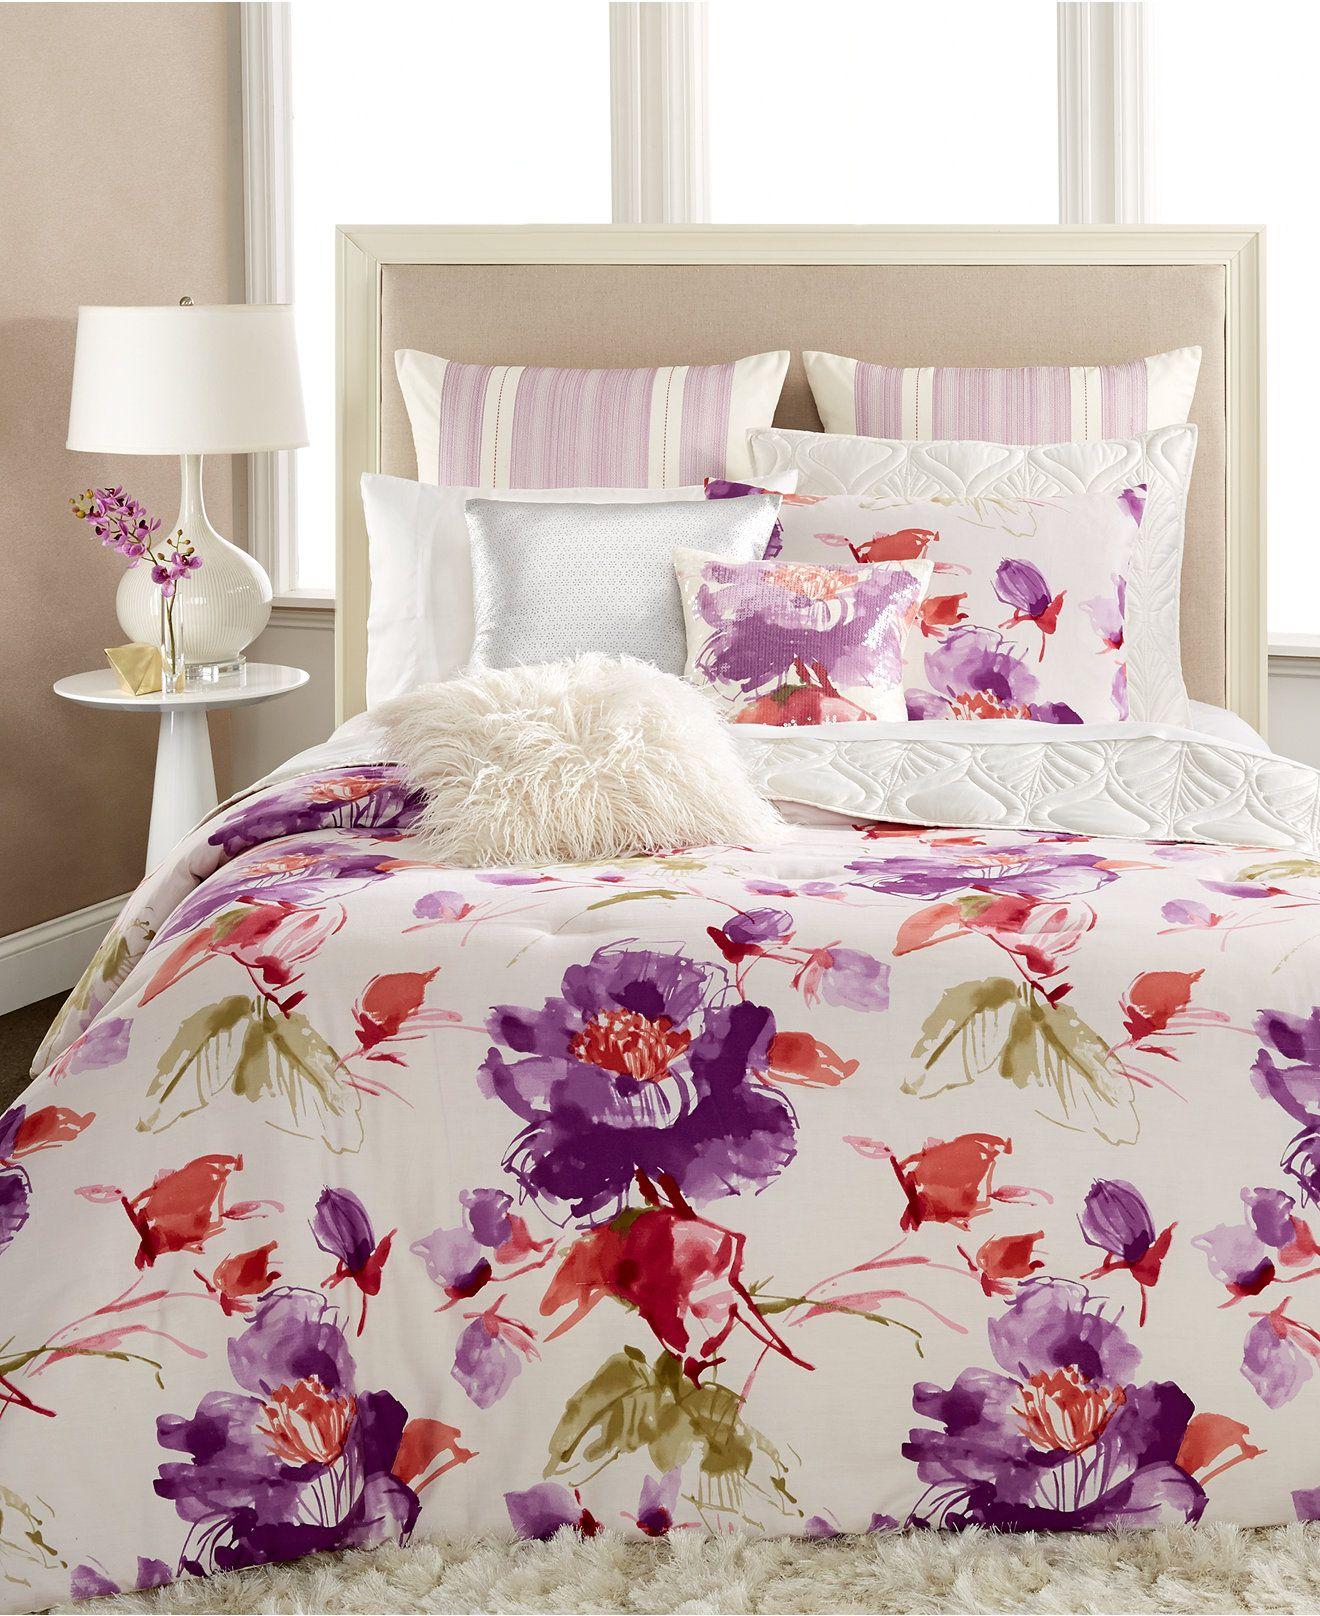 Laceandstiches Comforter Sets King Duvet Cover Sets Queen